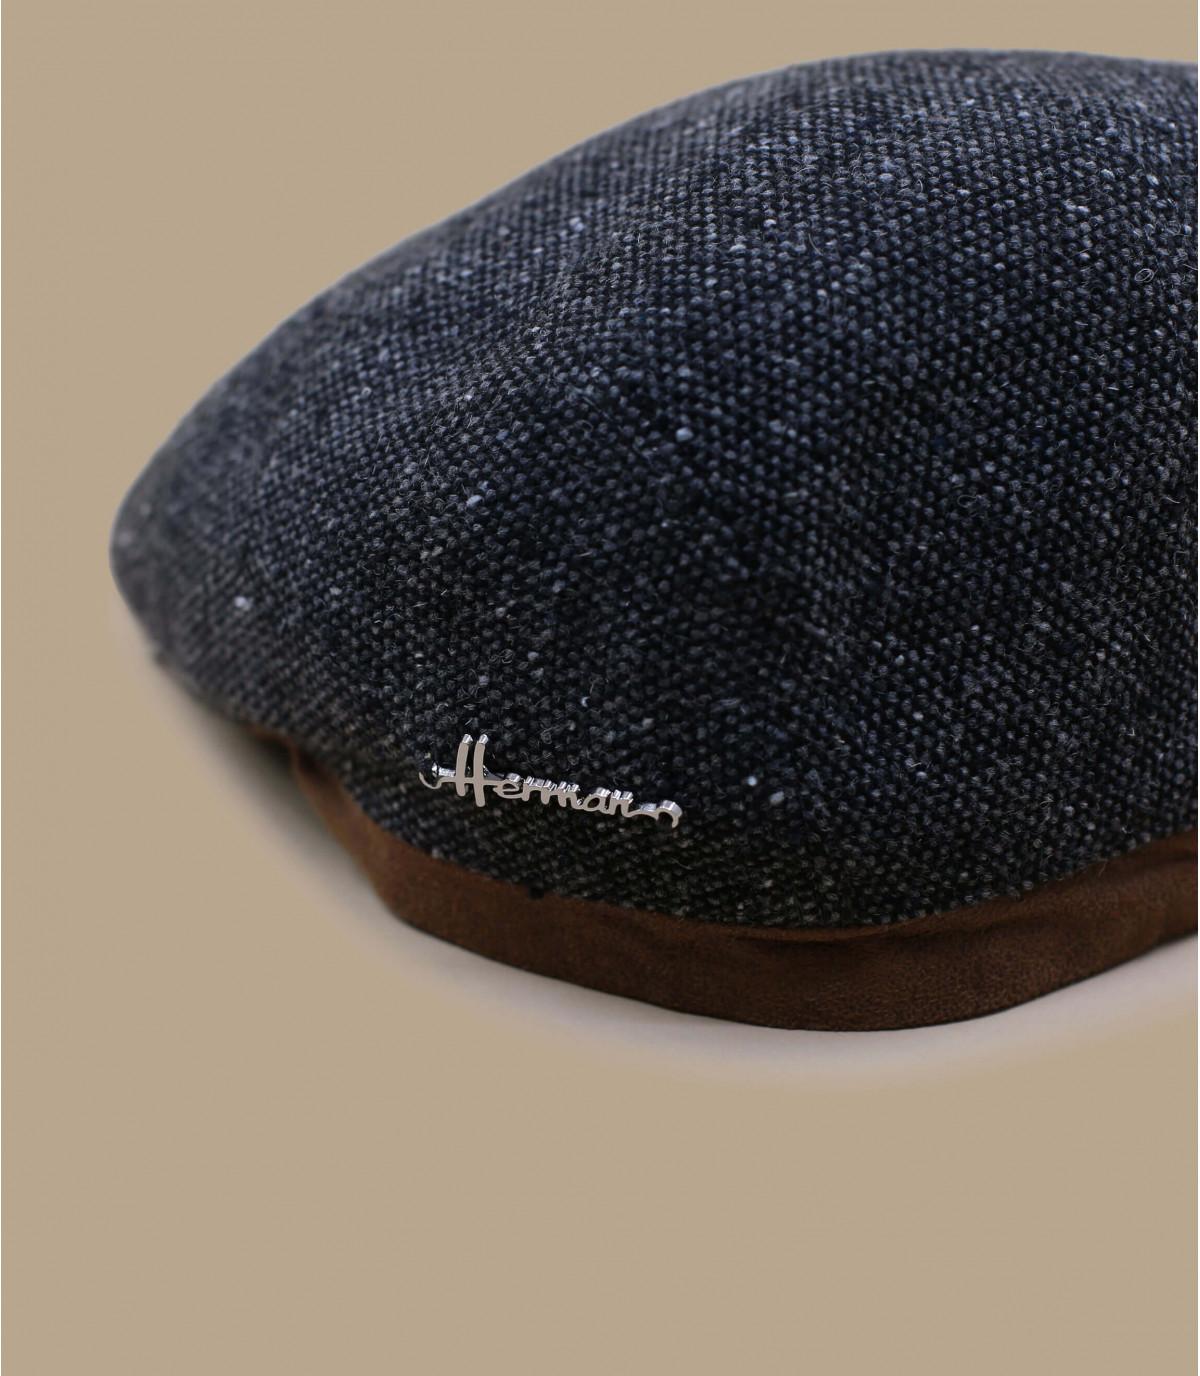 Détails Range Wool charcoal - image 2